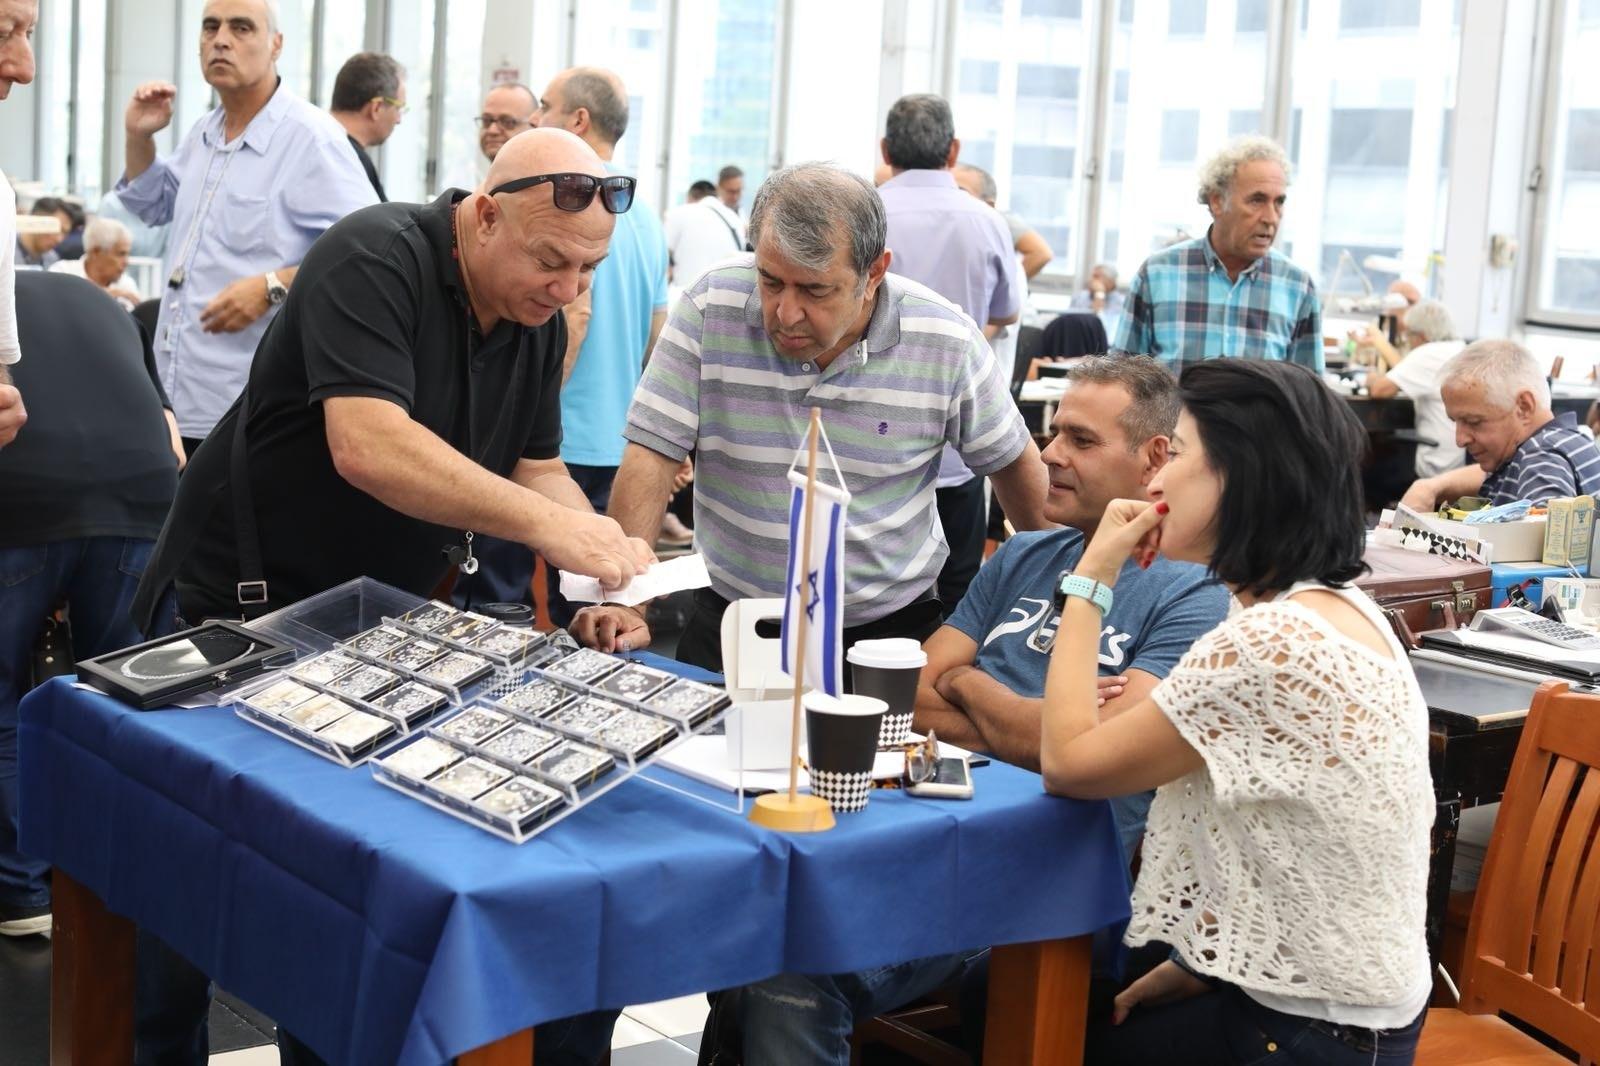 גלרייה - יריד כחול-לבן 13.08.18 תמונה 1 מתוך 44